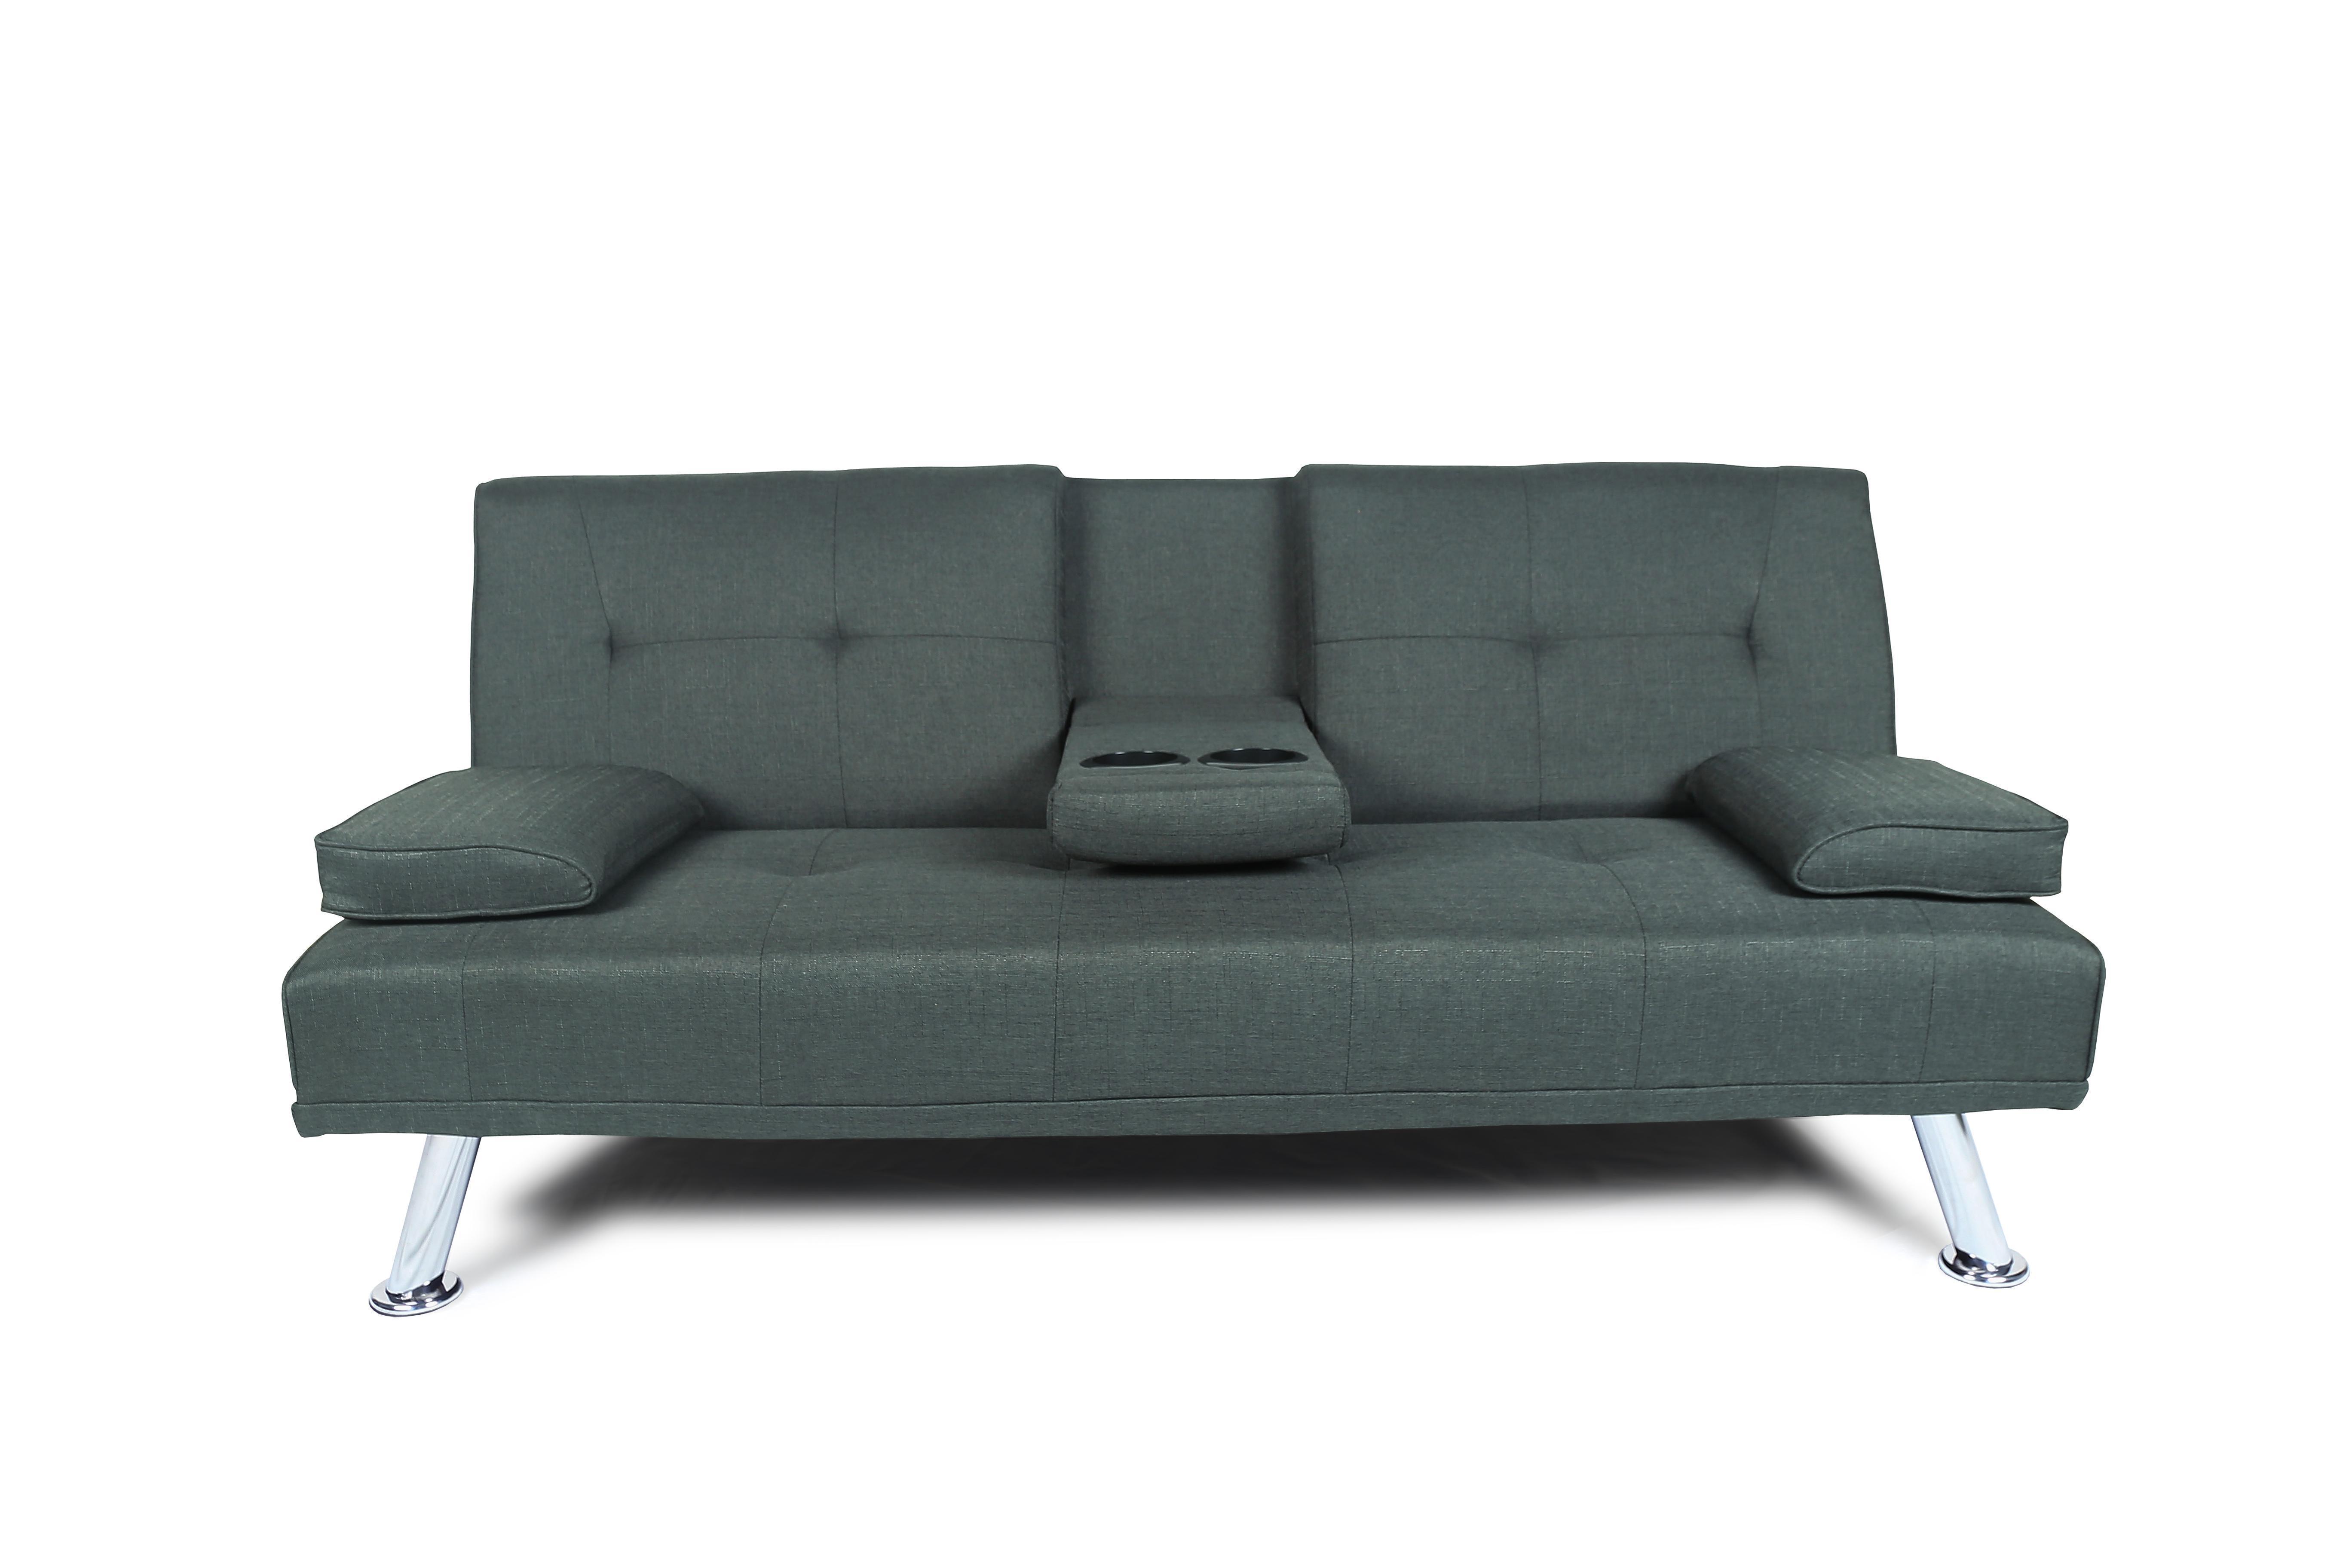 US-Aktien, Futonsofa BED SLEEPER DARK Rohgewebe mit Kissen-Kissen-Multifunktions Wohnzimmer Sofa W22303581